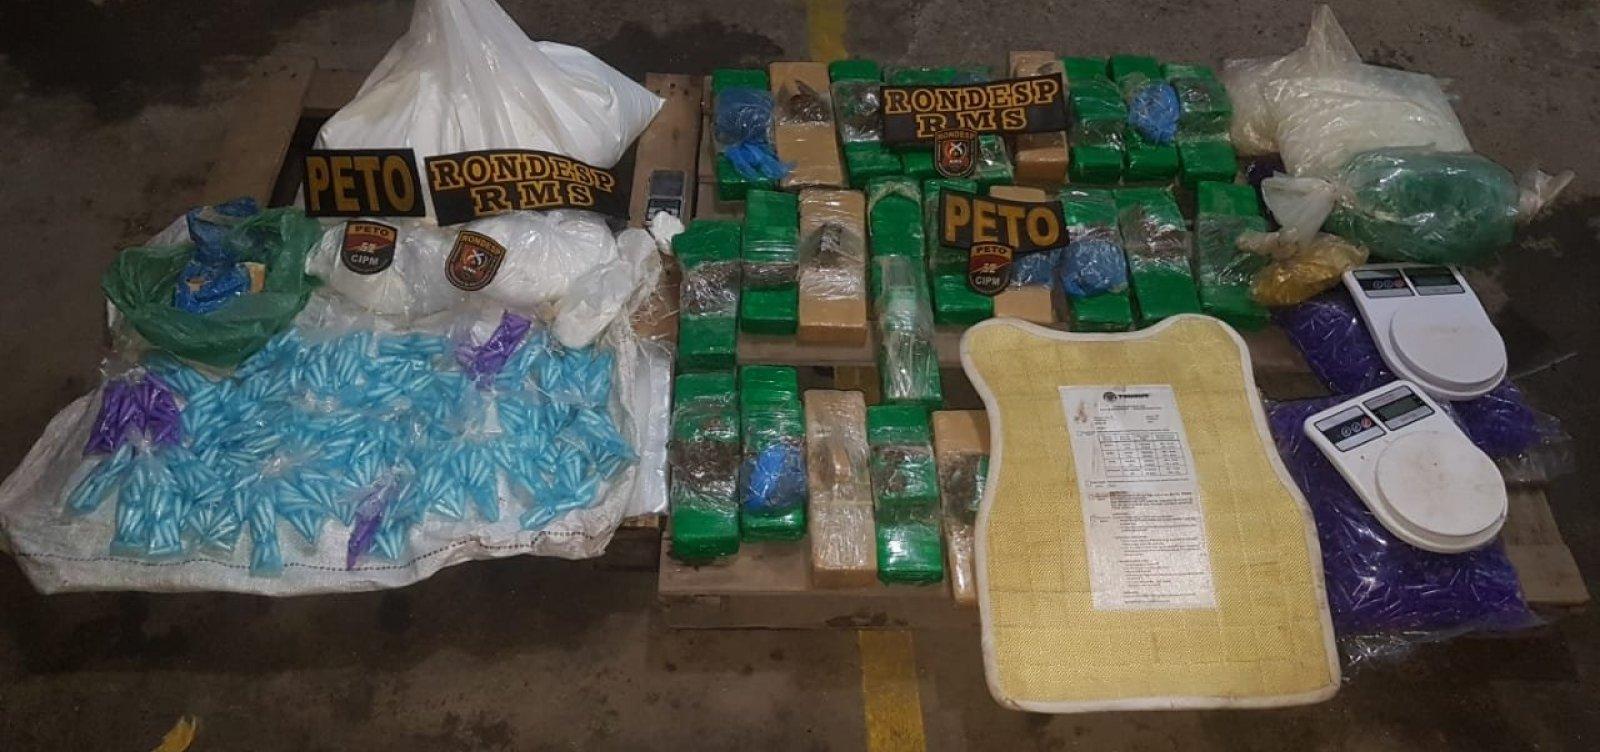 [Polícia apreende mais de 40 kg de drogas em Lauro de Freitas]